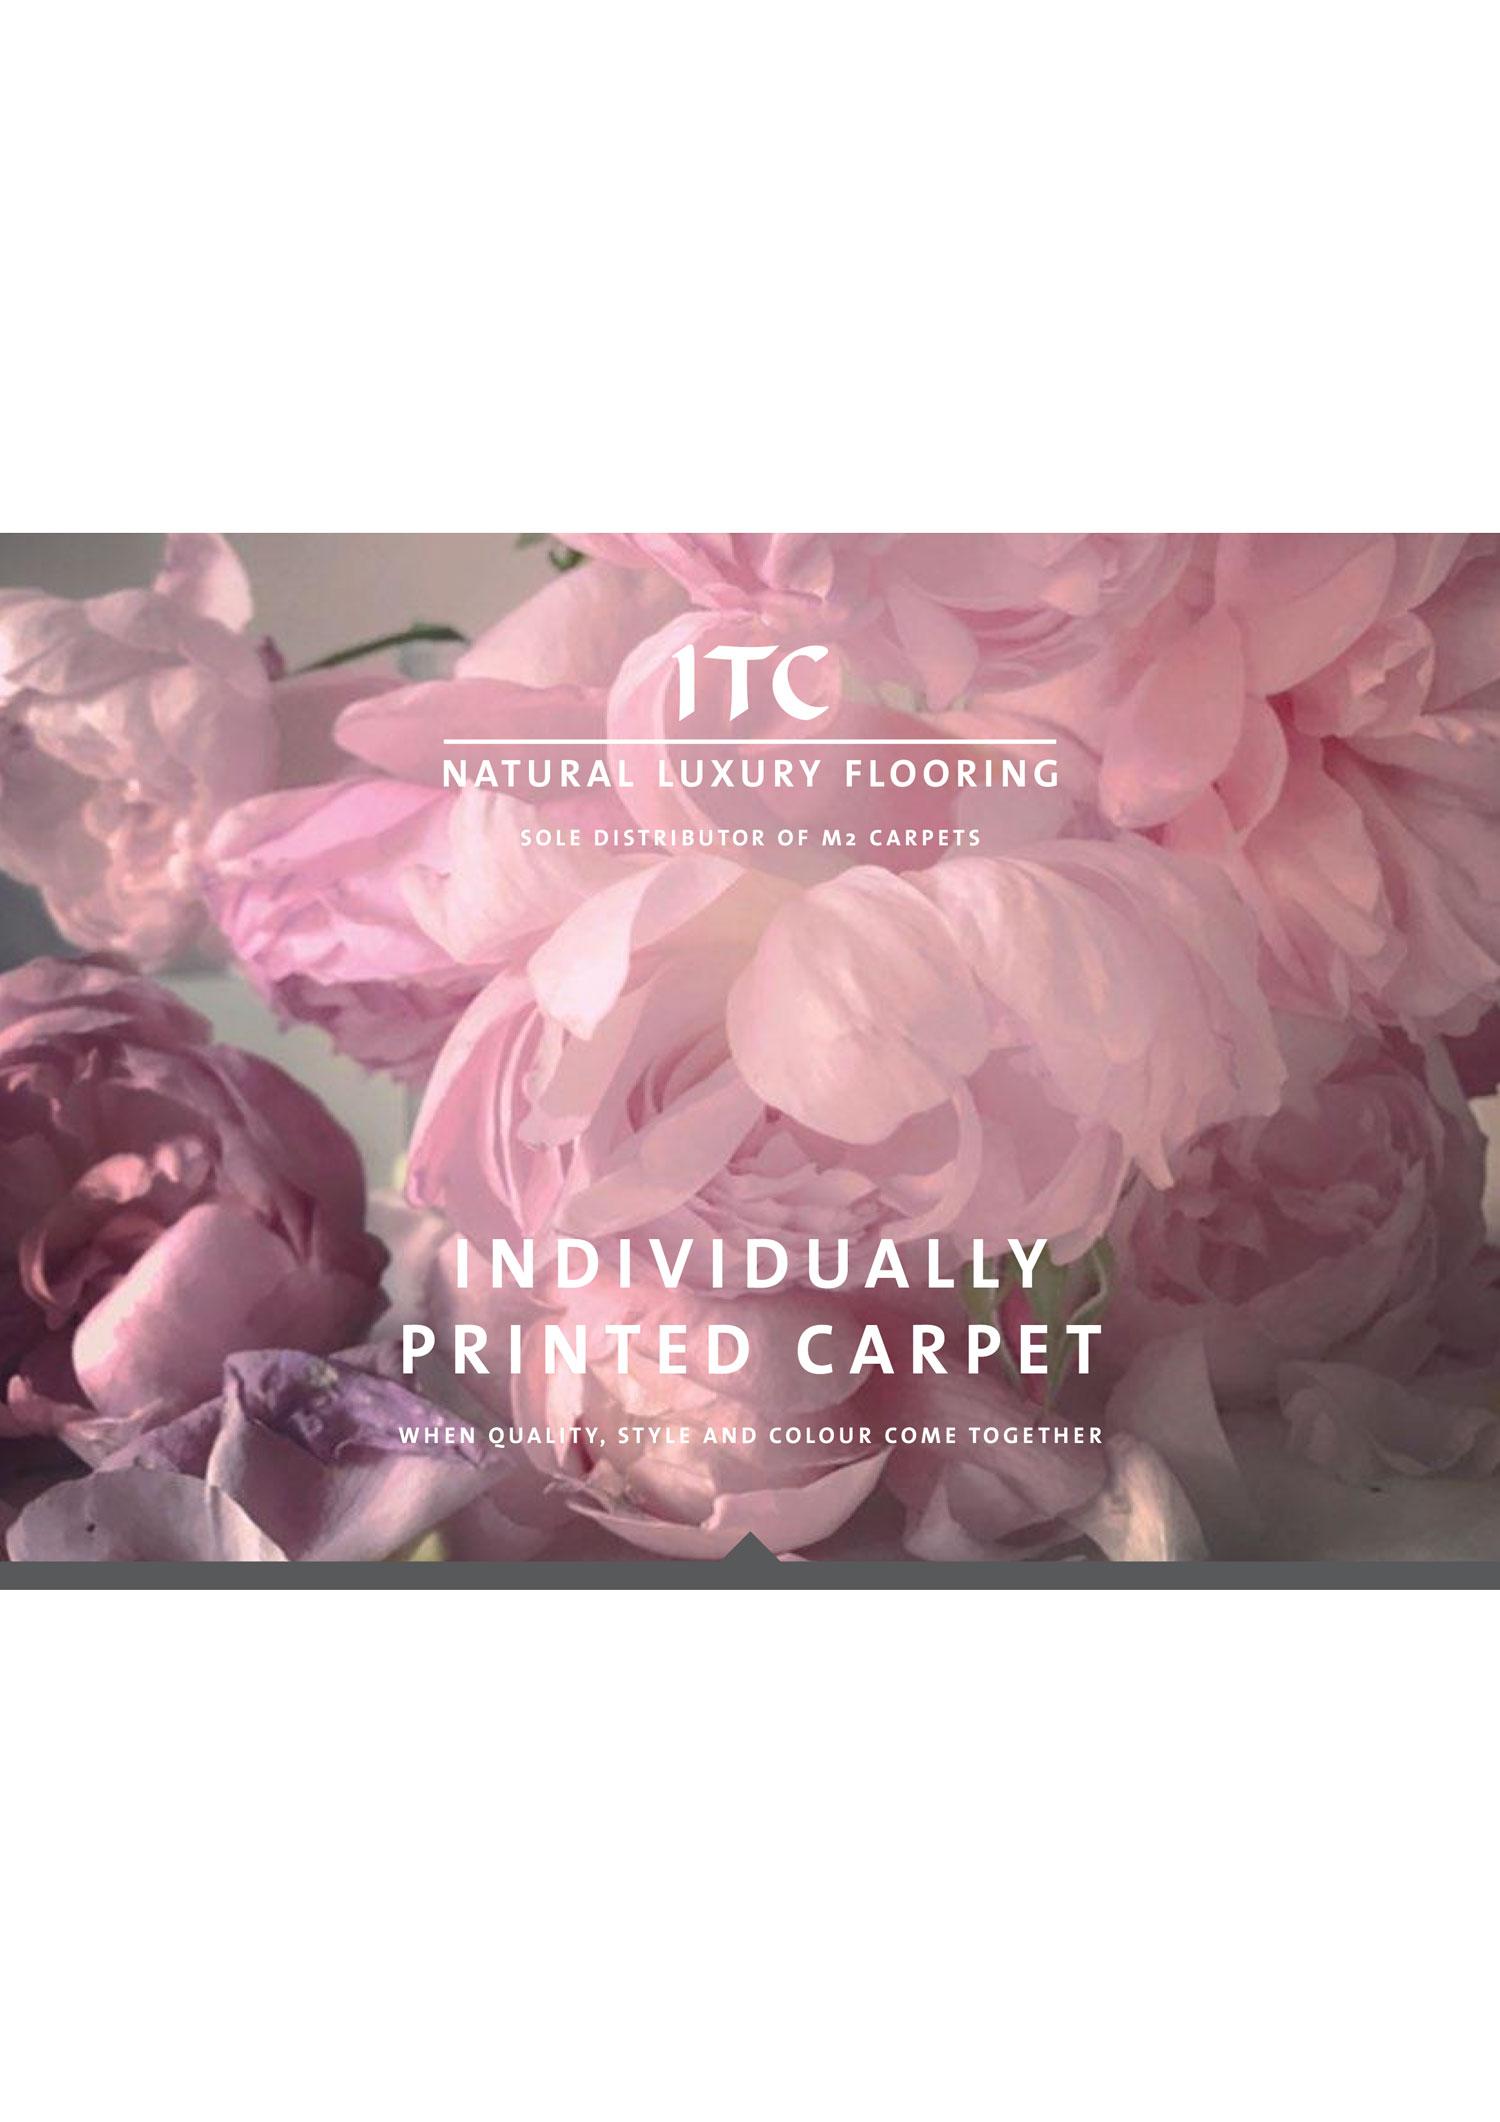 ITC Natural Luxury Flooring Ltd